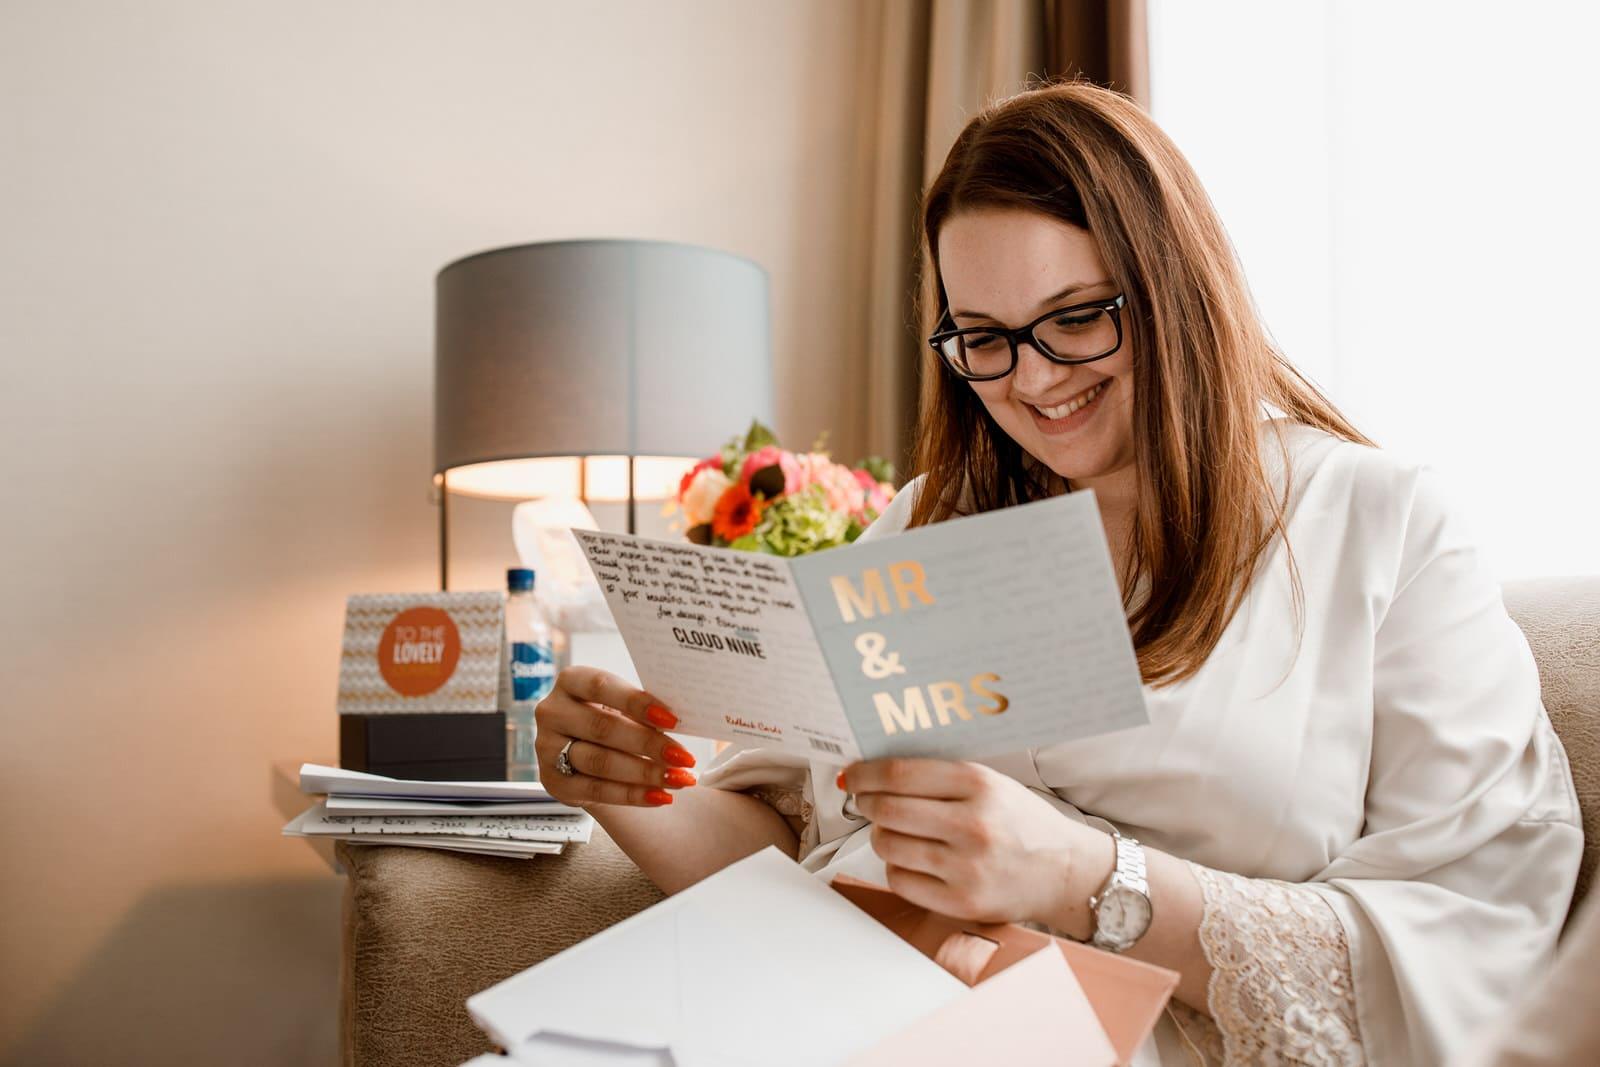 bride reading wedding card